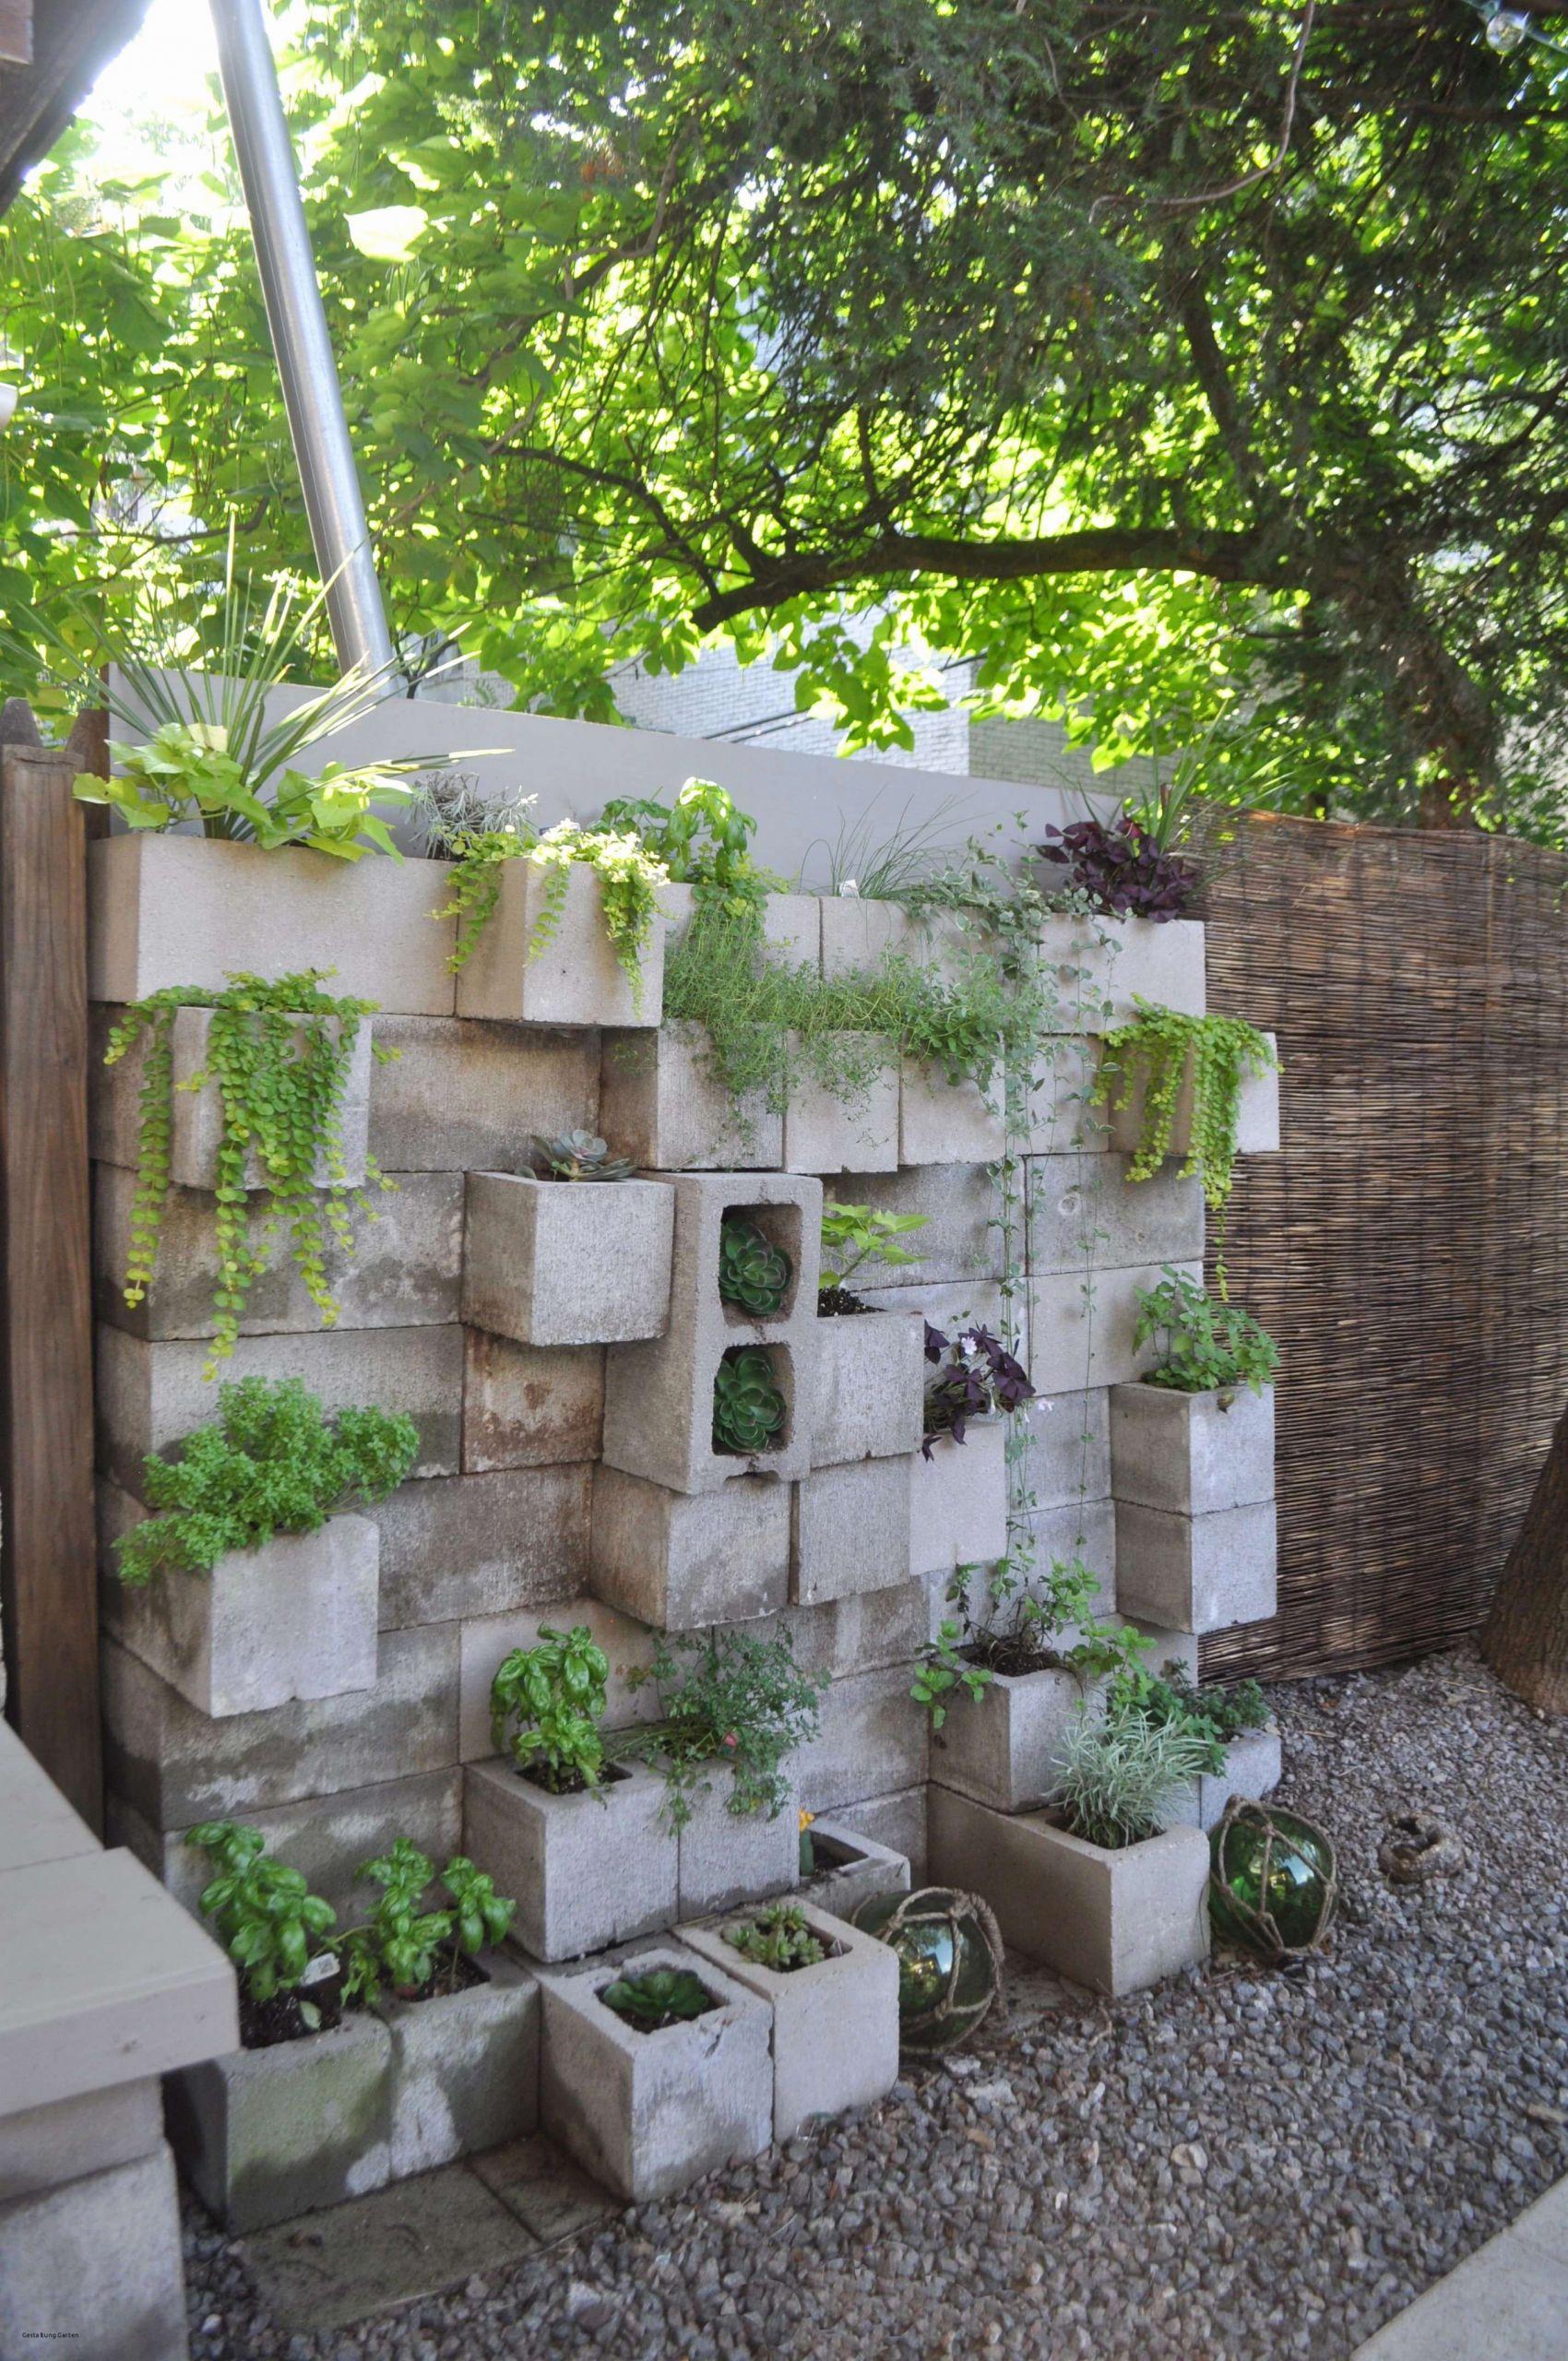 Gartengestaltung Ideen Vorgarten Frisch Gartengestaltung Ideen Bilder — Temobardz Home Blog